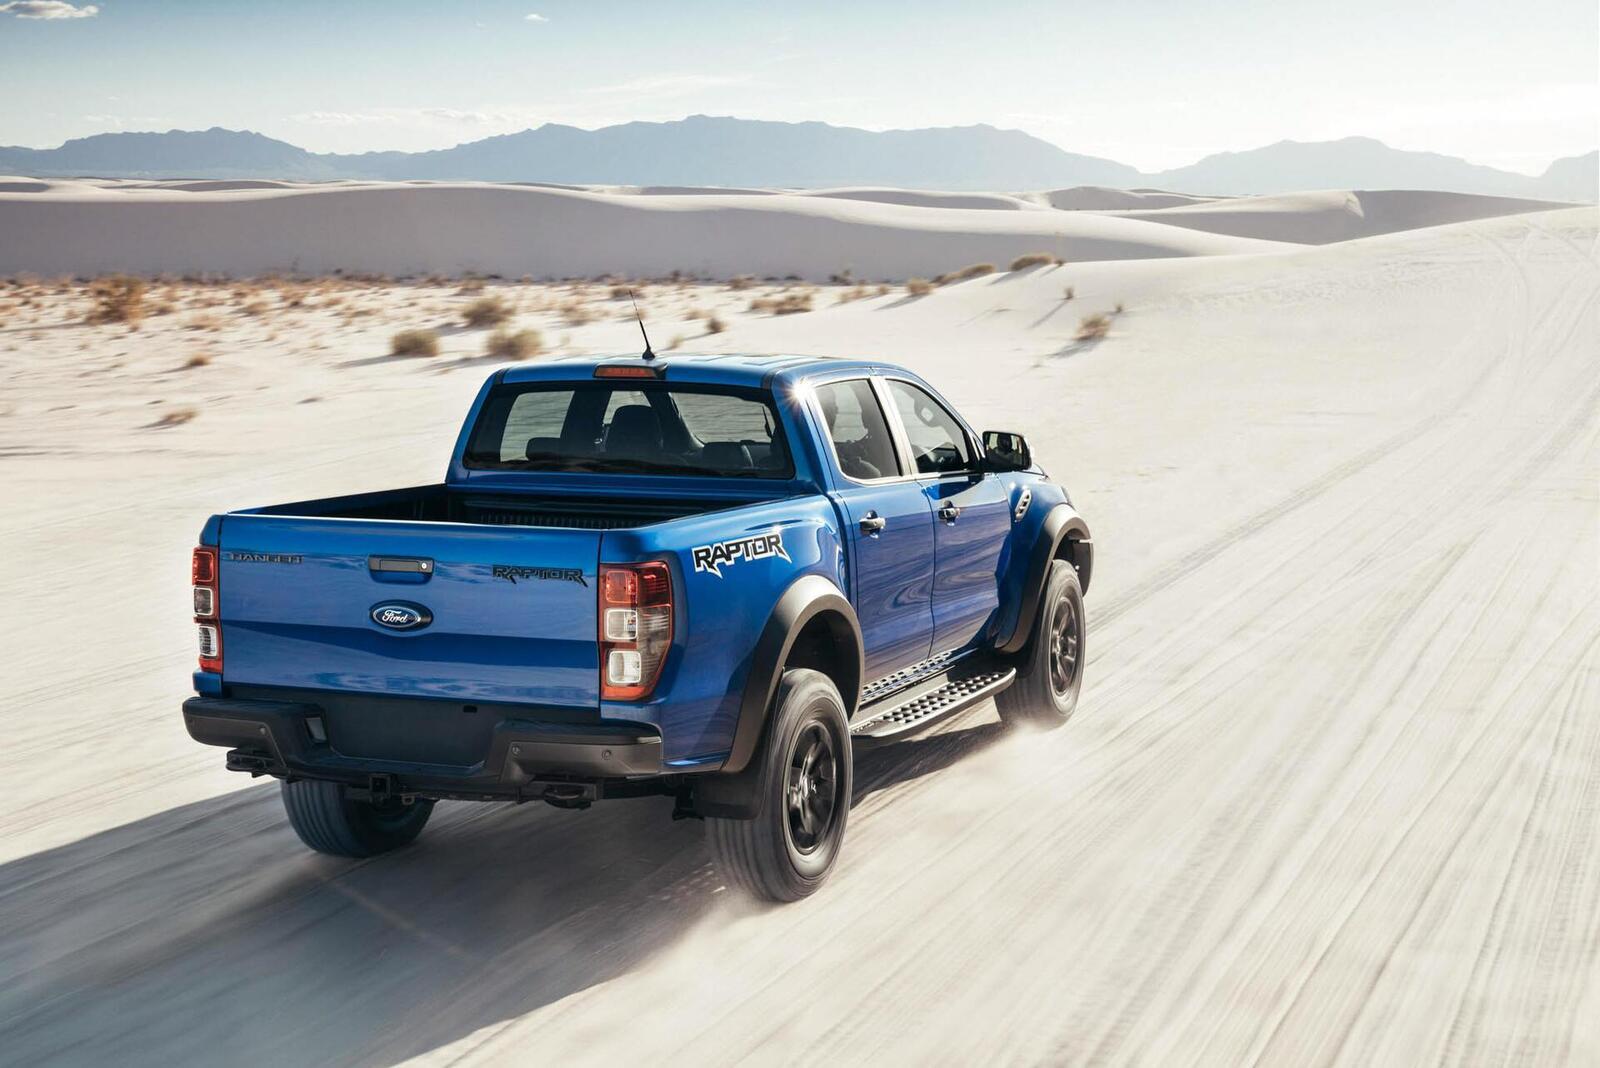 Ford Ranger đạt doanh số kỷ lục tại Châu Á Thái Bình Dương năm thứ 10 liên tiếp - Hình 6